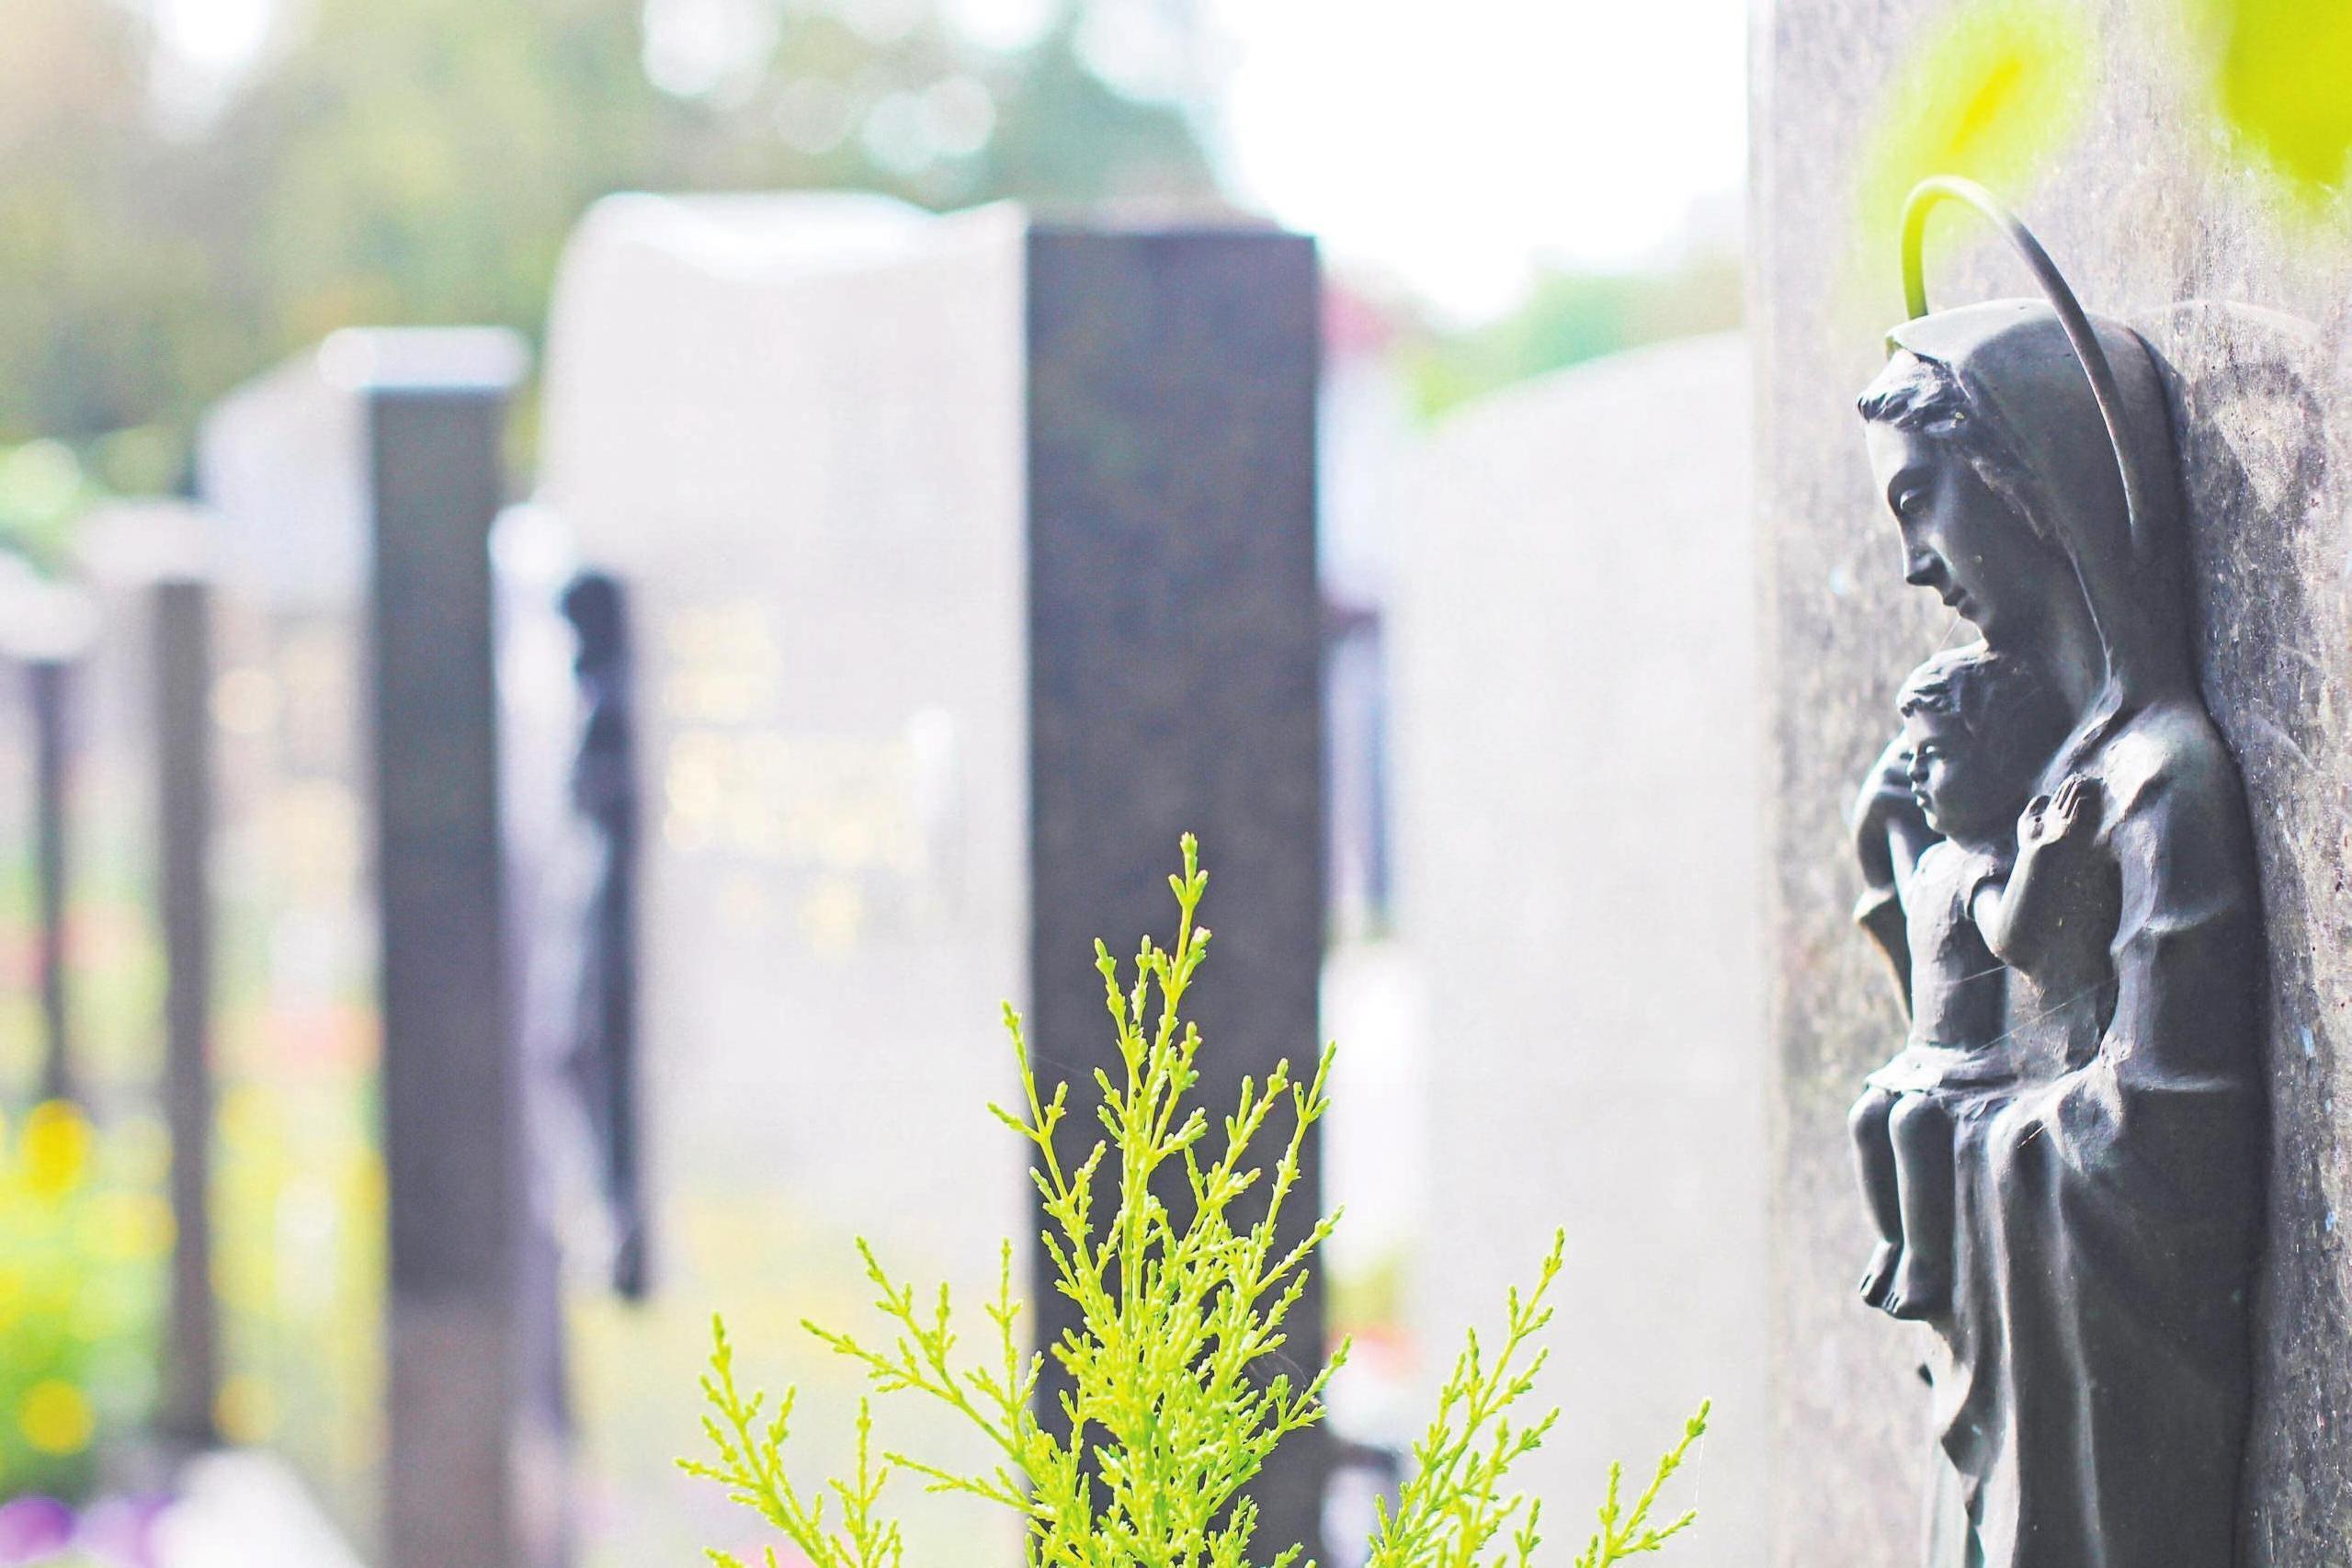 Die Grabbepflanzung gehört zu den wichtigsten Leistungen von Friedhofsgärtnern. Foto: as/RAM